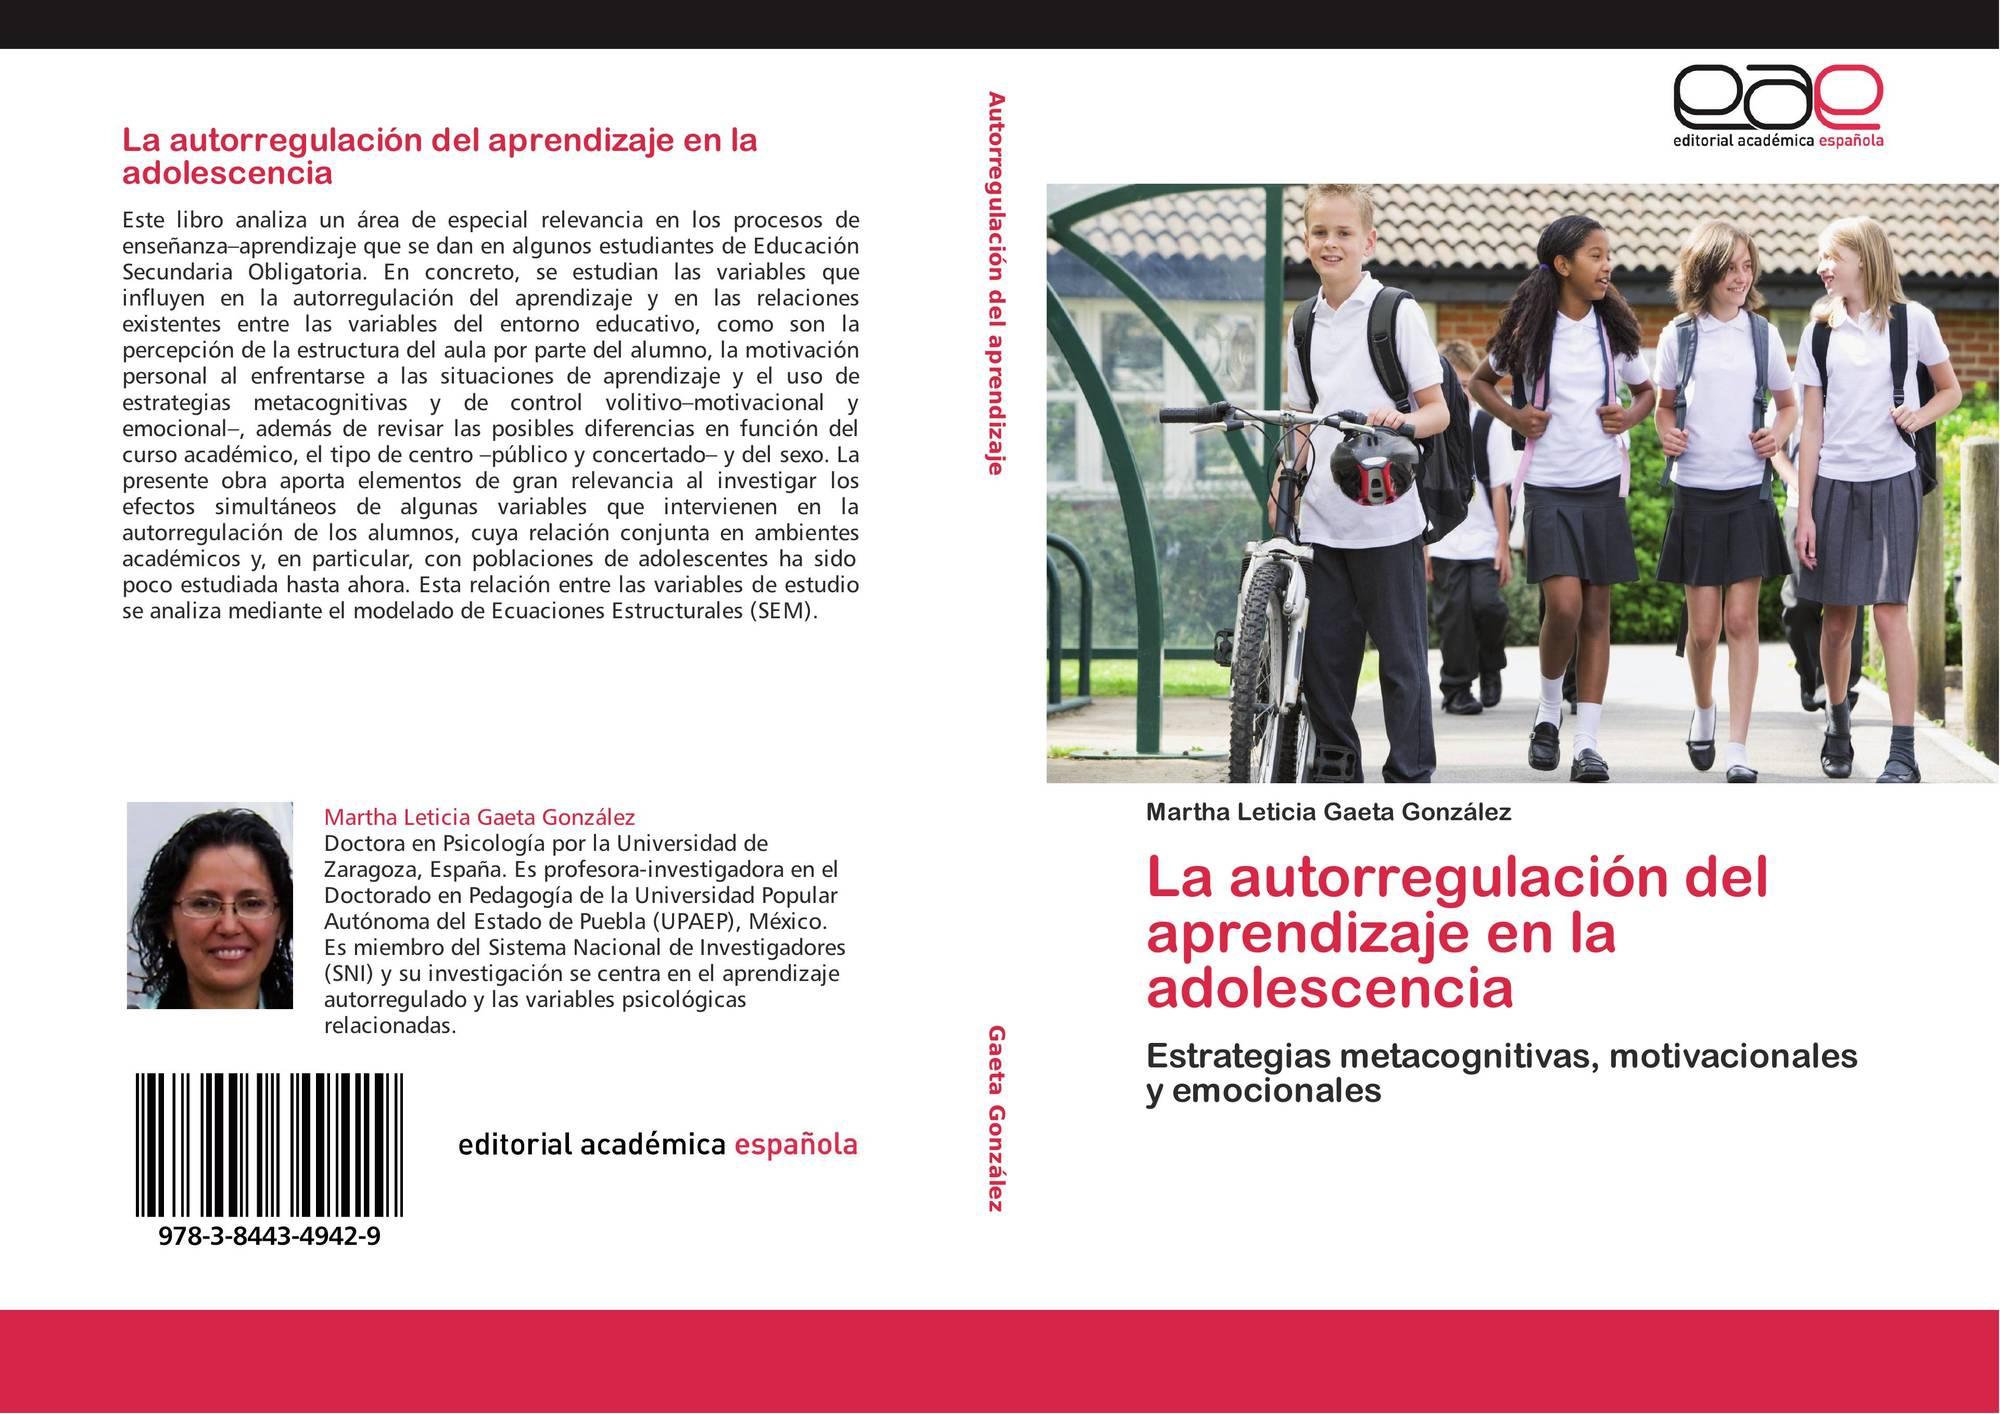 La Autorregulación Del Aprendizaje En La Adolescencia 978 3